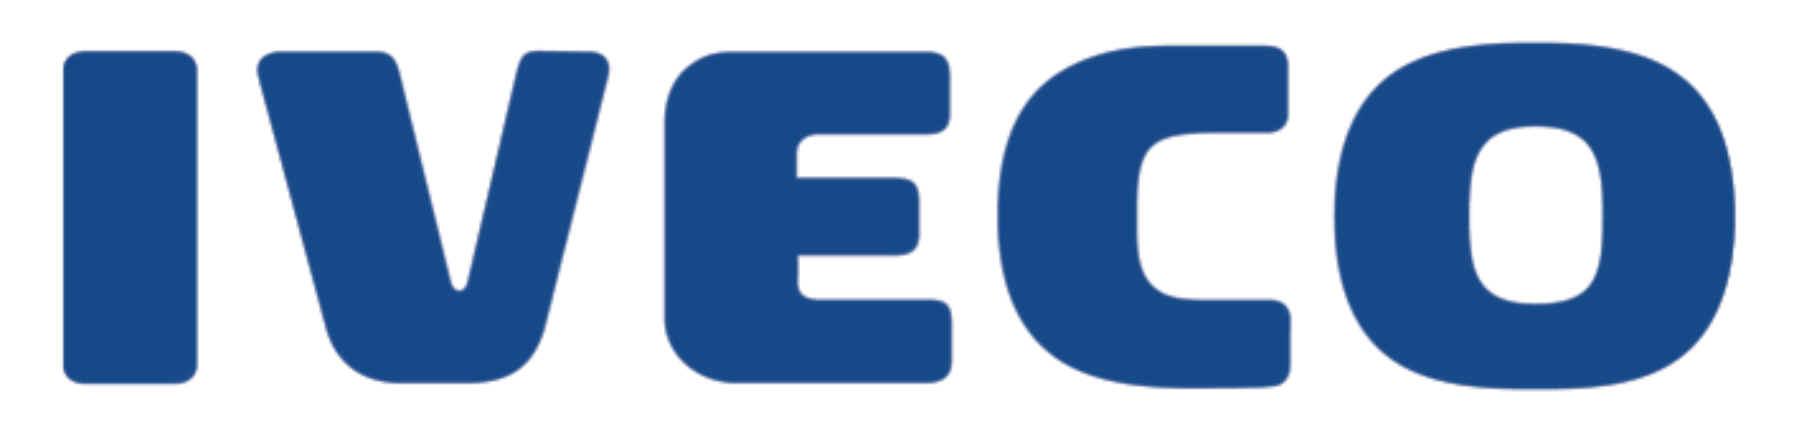 логотип ивеко фото